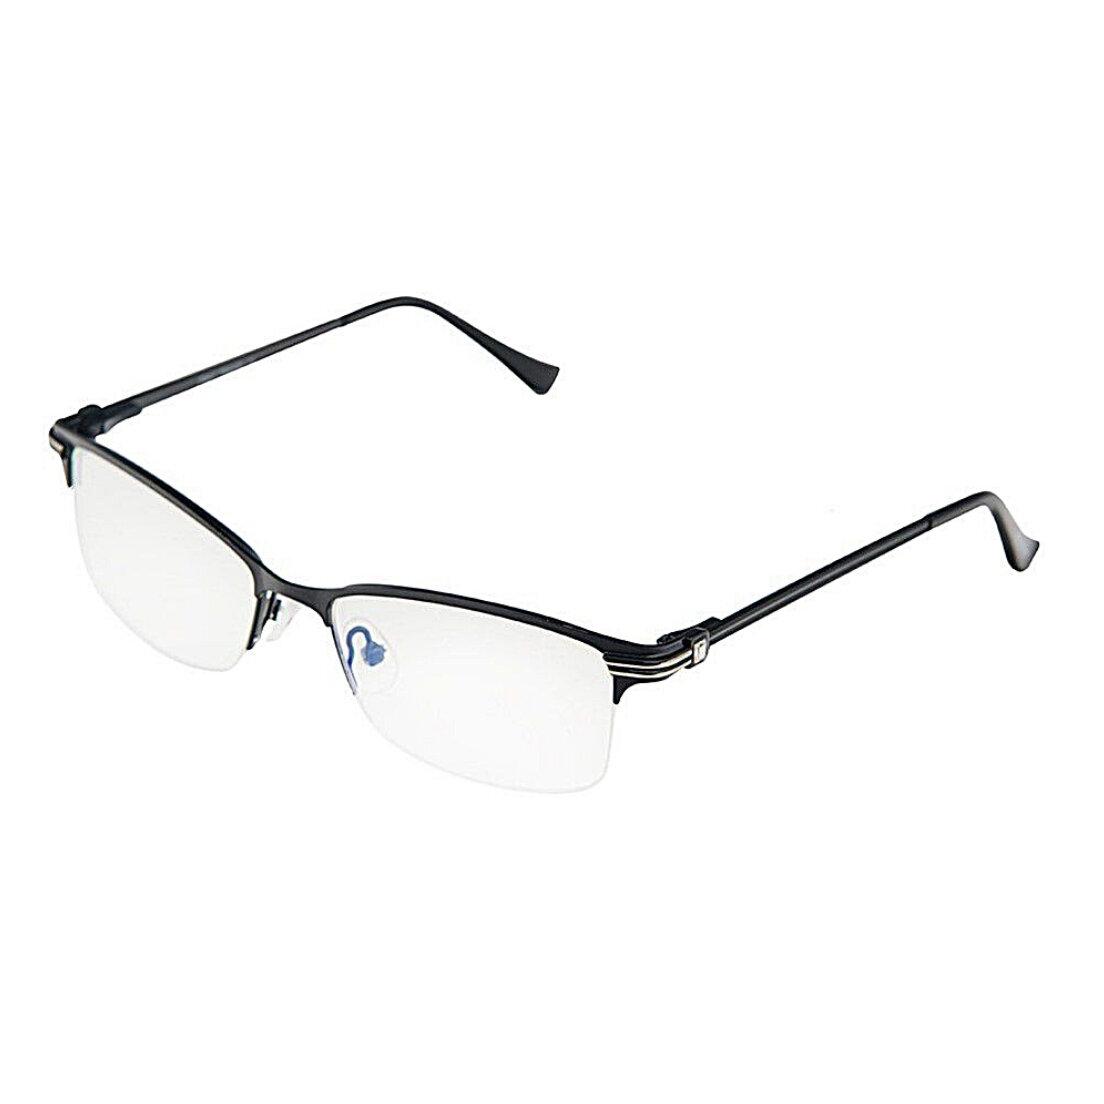 Armação de Óculos Khatto Fusion Litlle Cat - C138